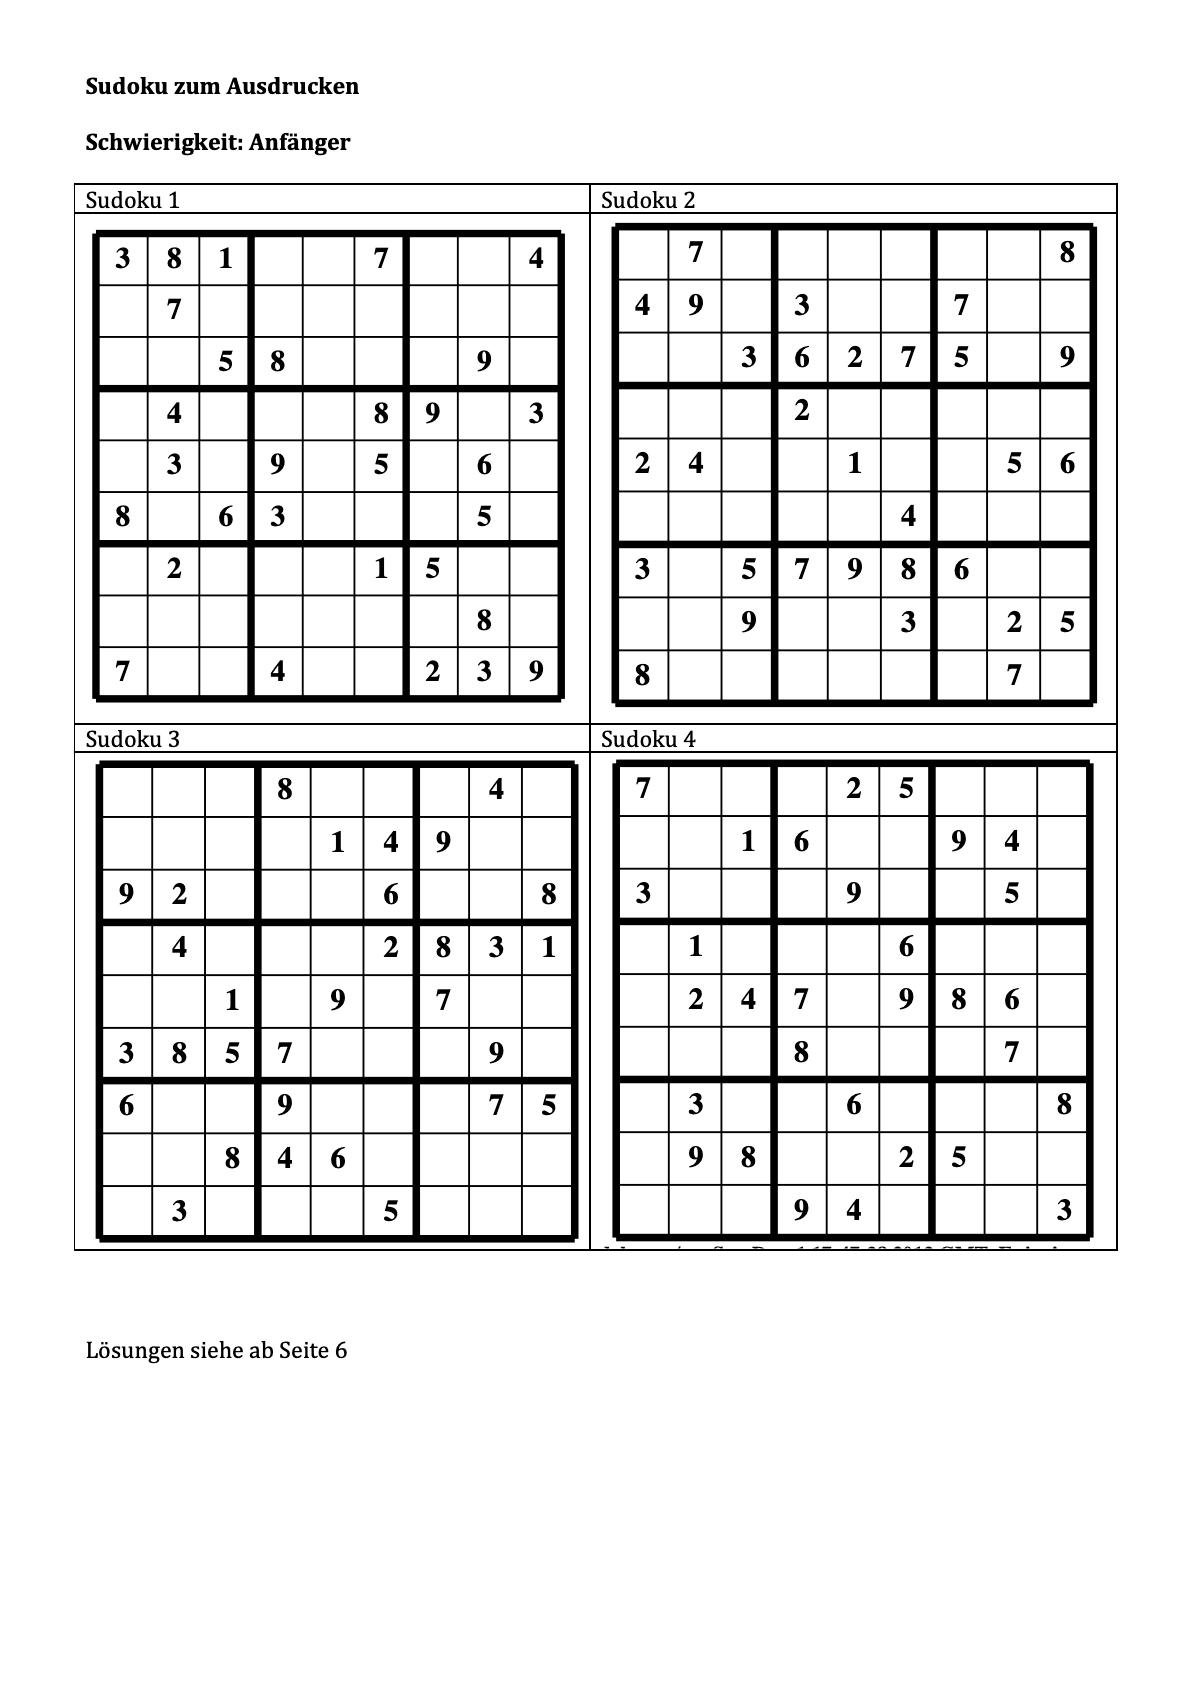 Sudoku ausdrucken Anfänger